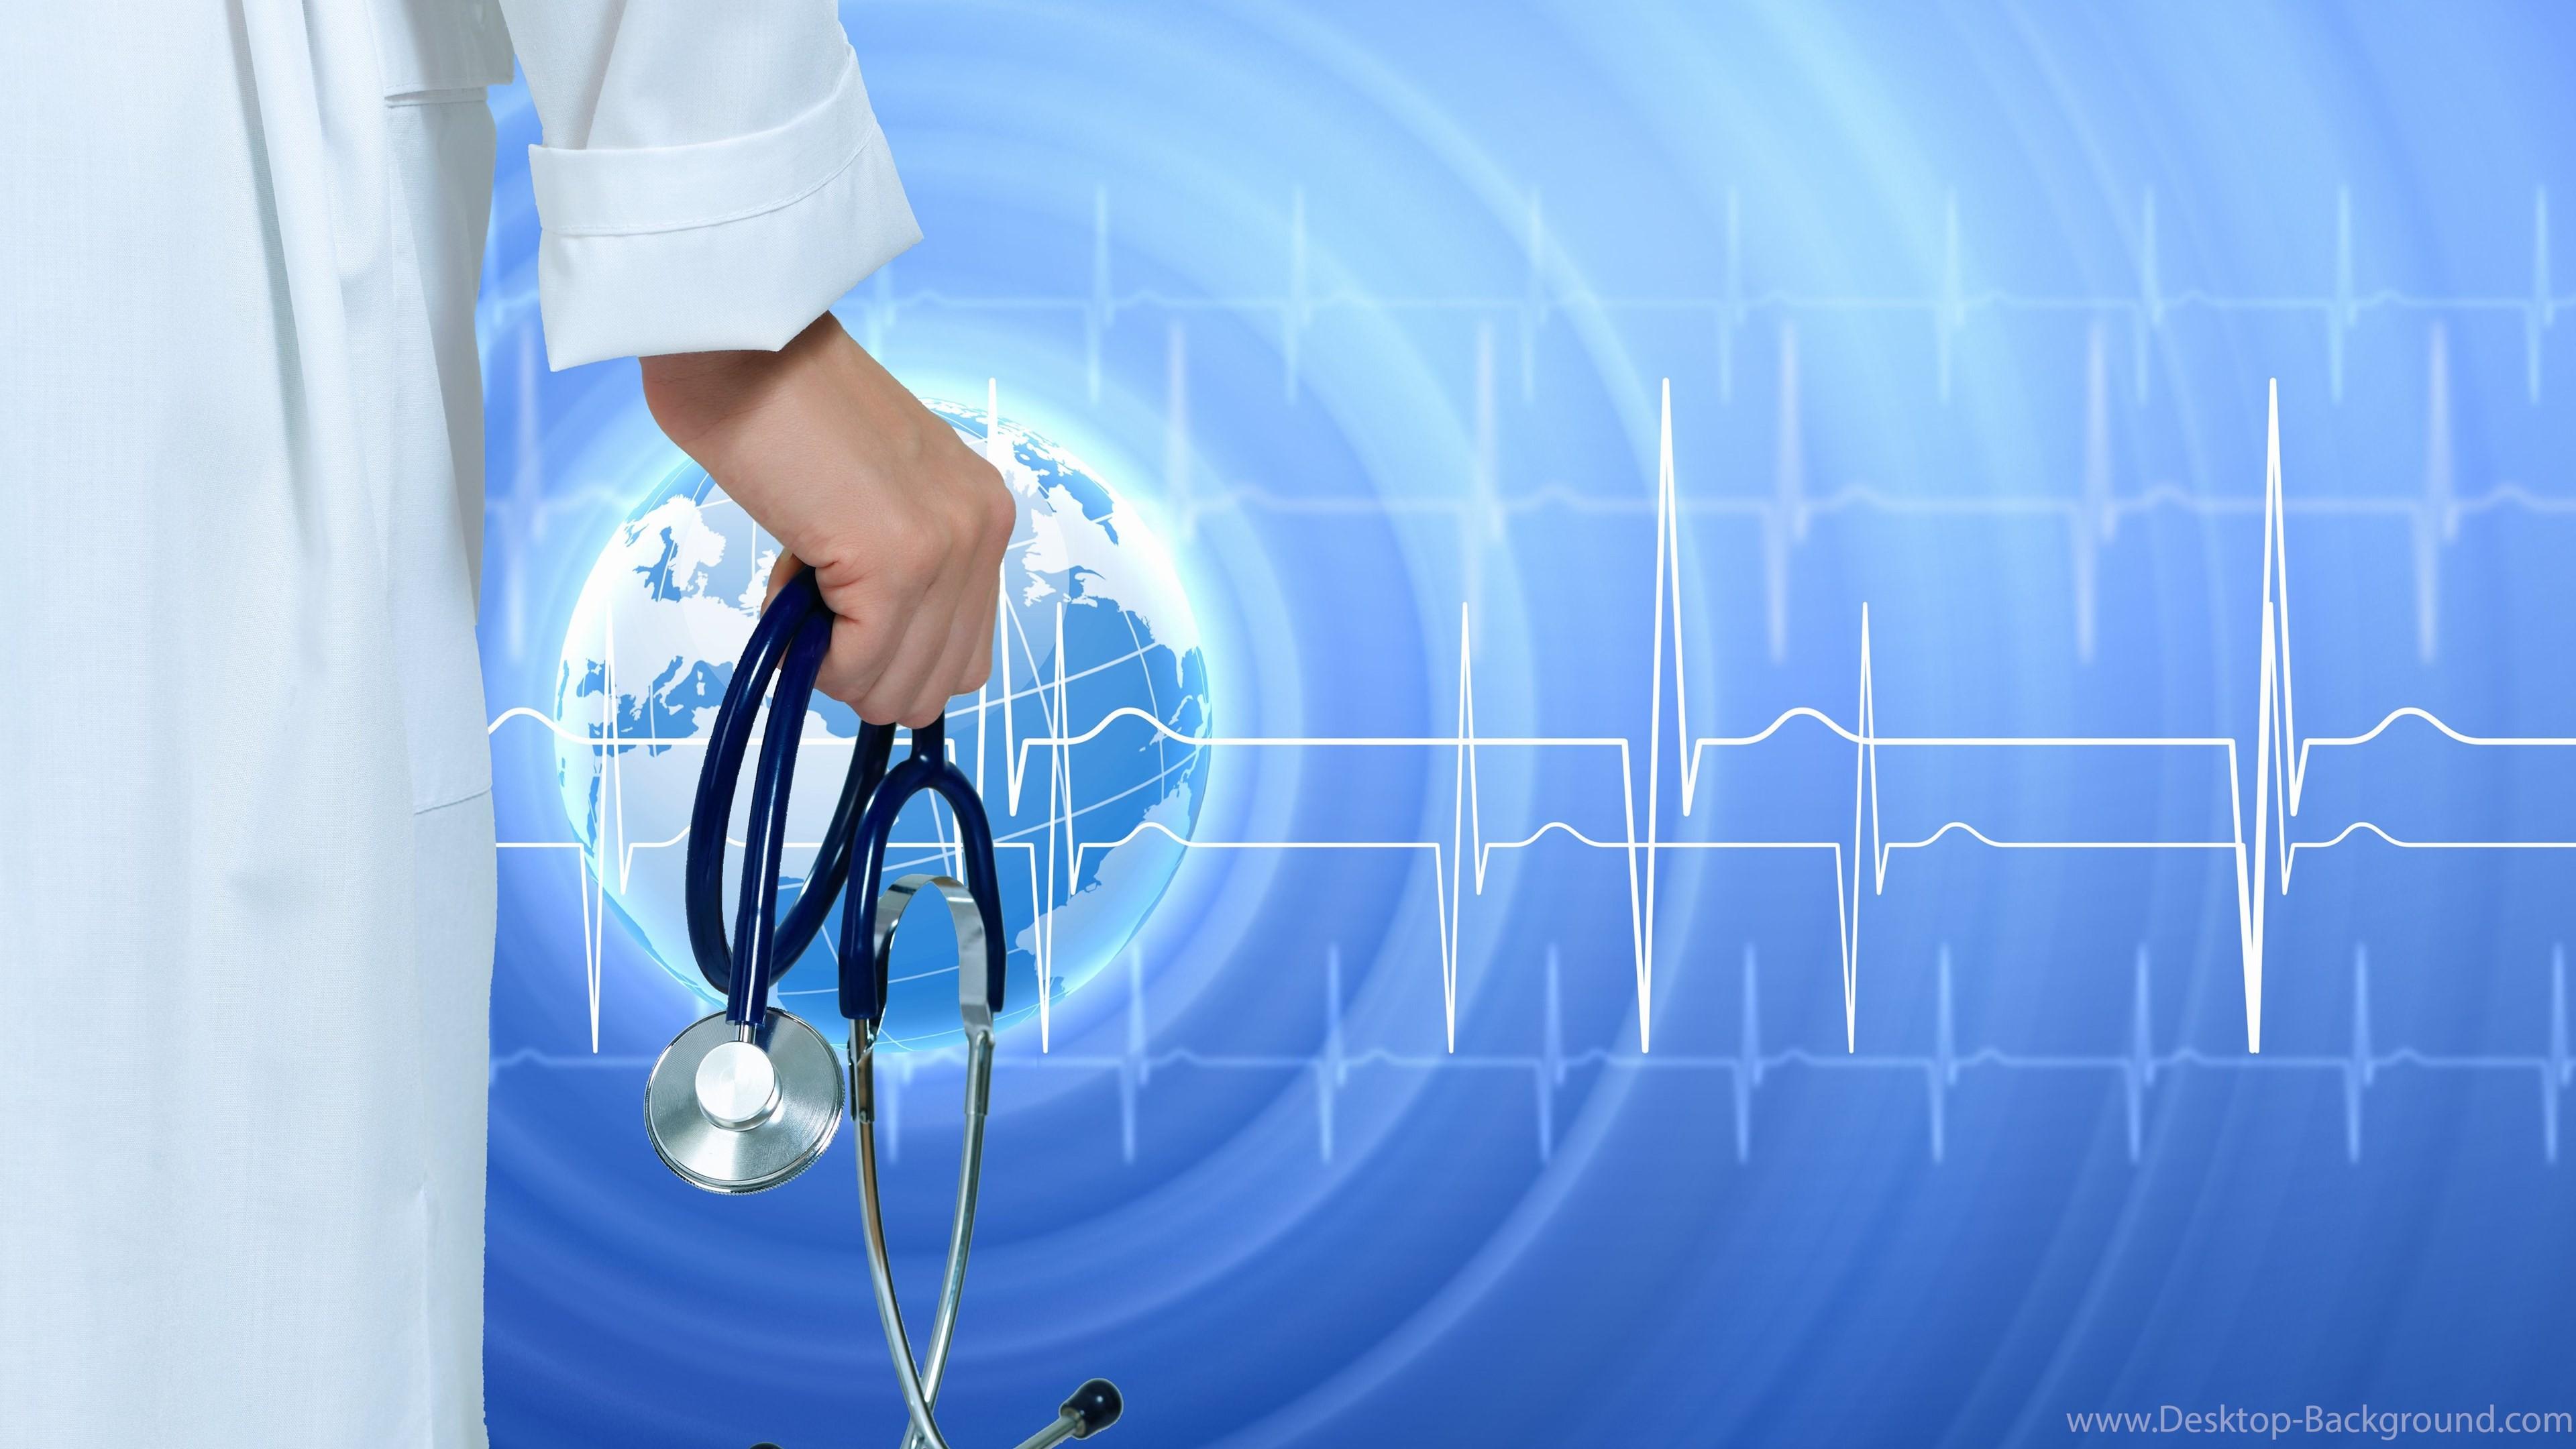 Medical Wallpaper Backgrounds (63+ images)